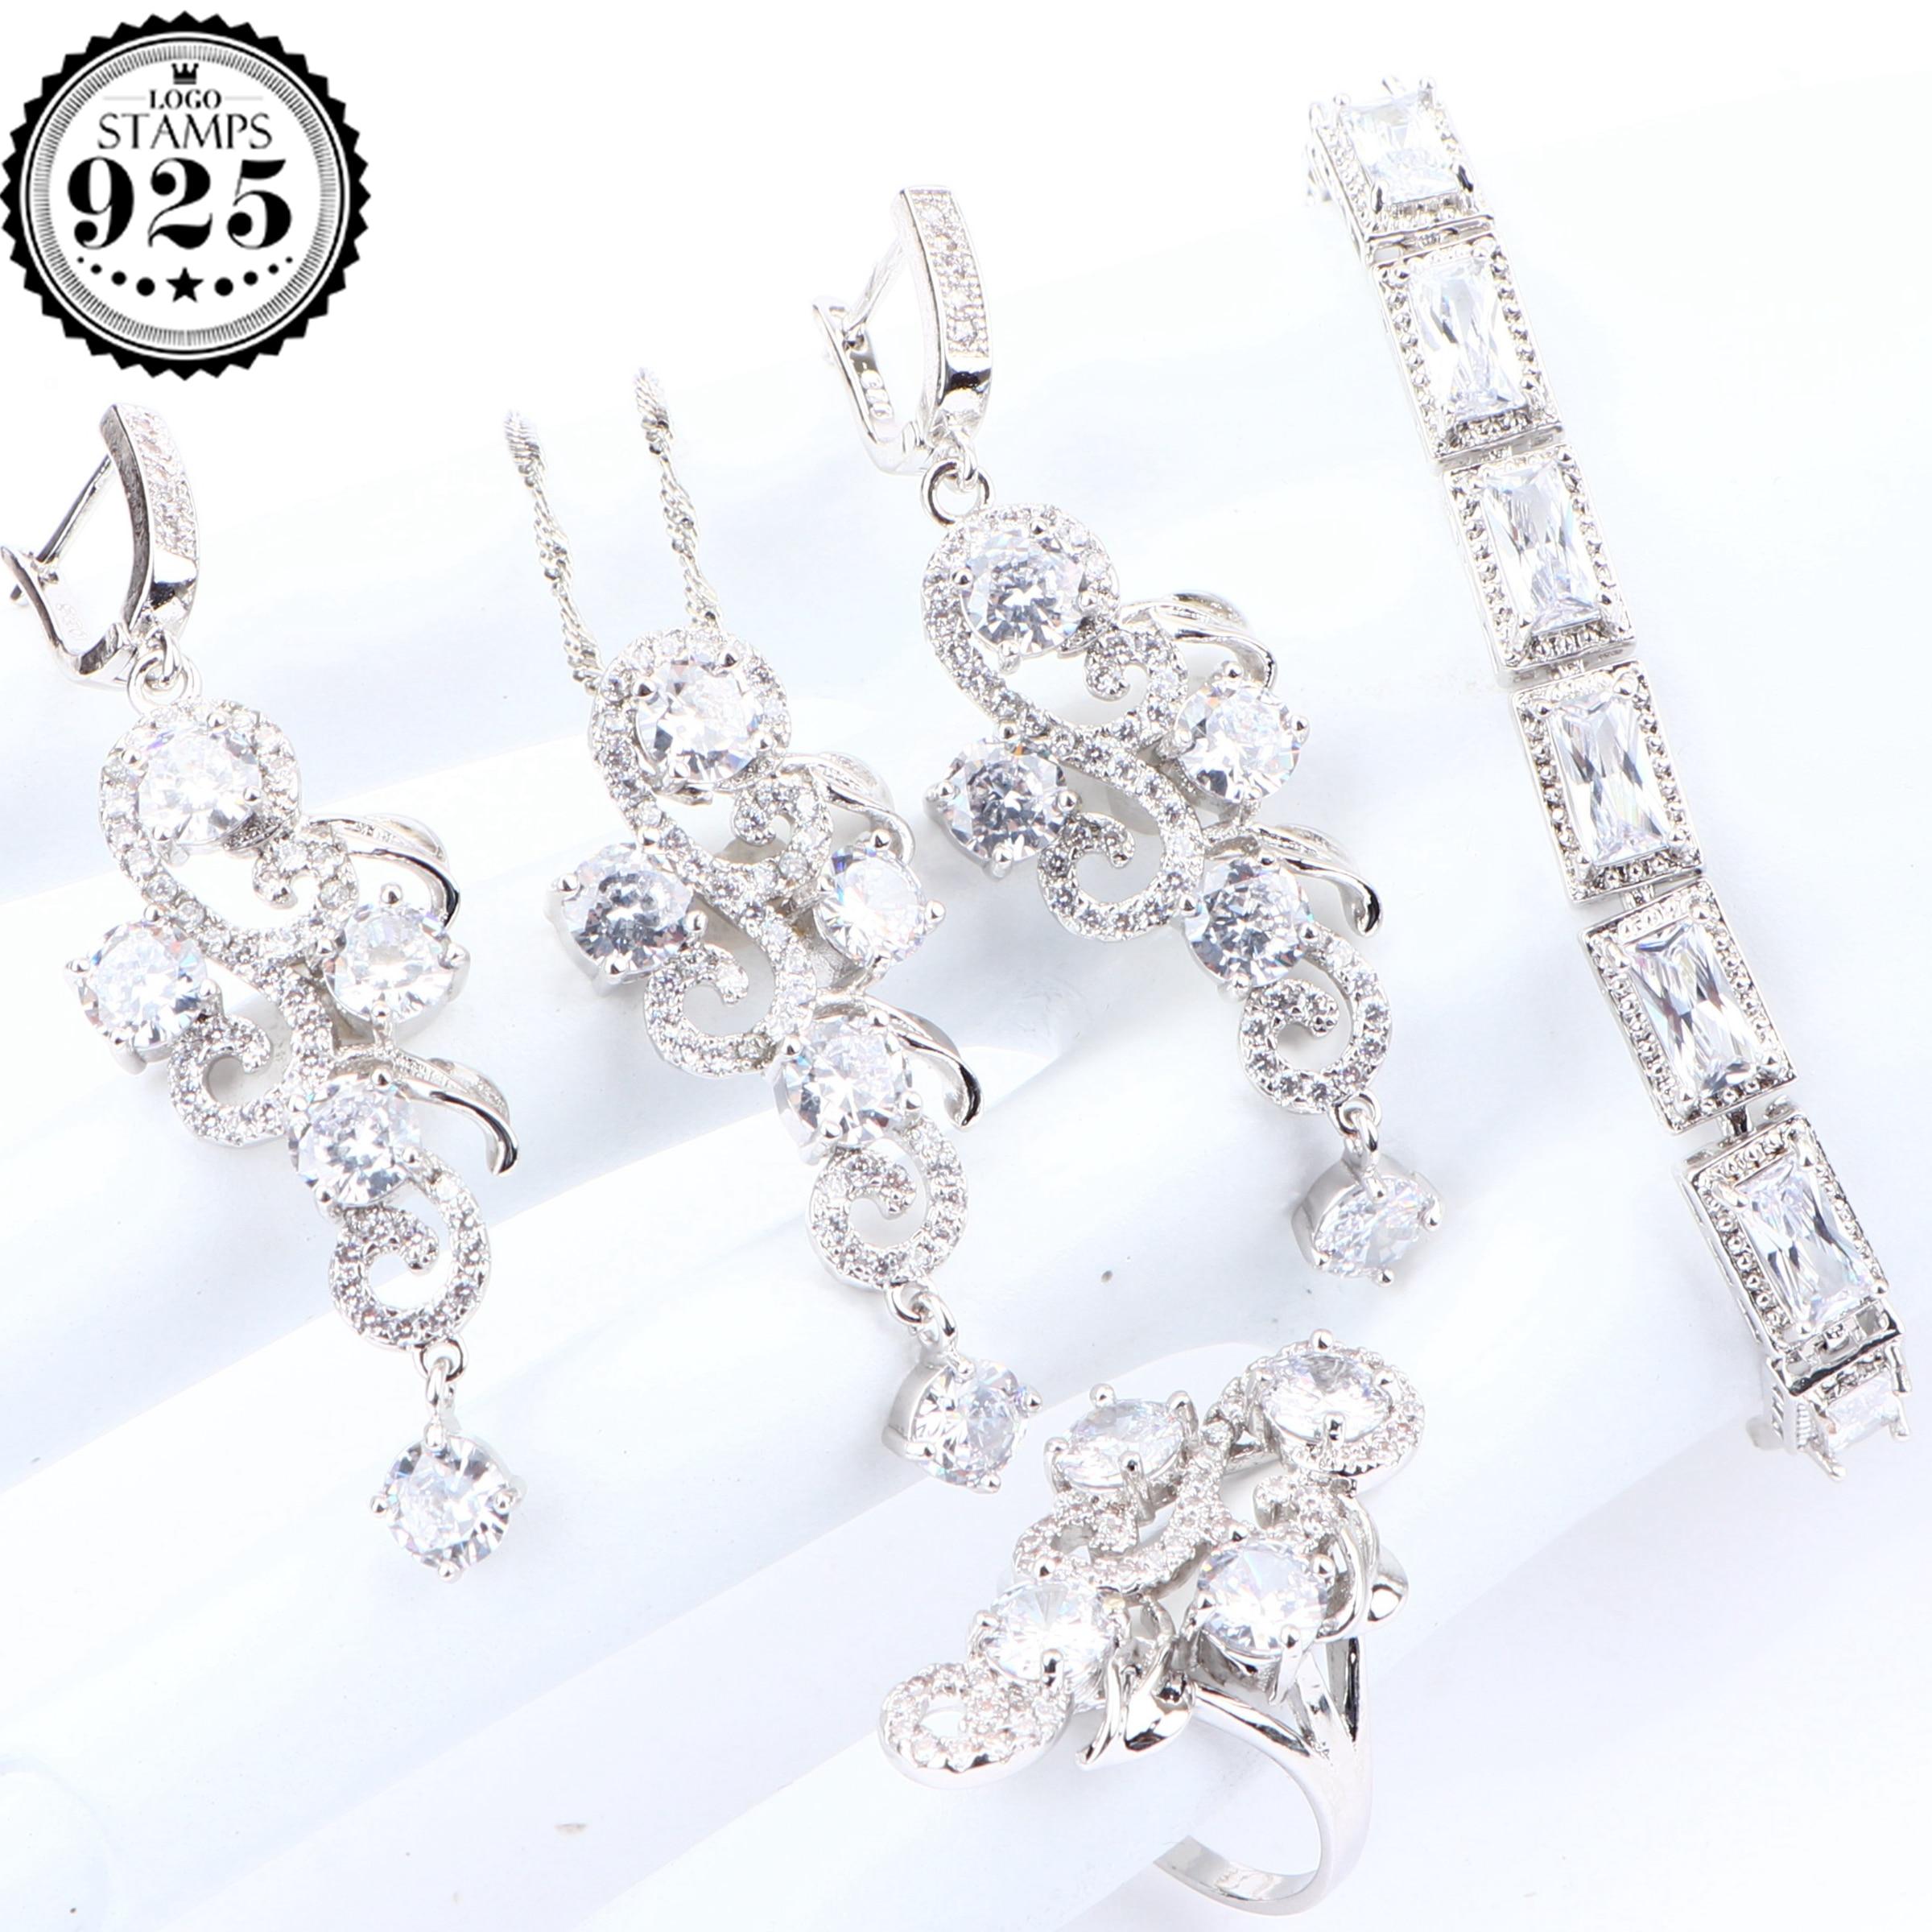 Conjuntos de joyería nupcial 925 de plata de Zirconia blanca para mujer, pendientes de boda, conjuntos de collar con colgante, pulseras, anillos, joyería